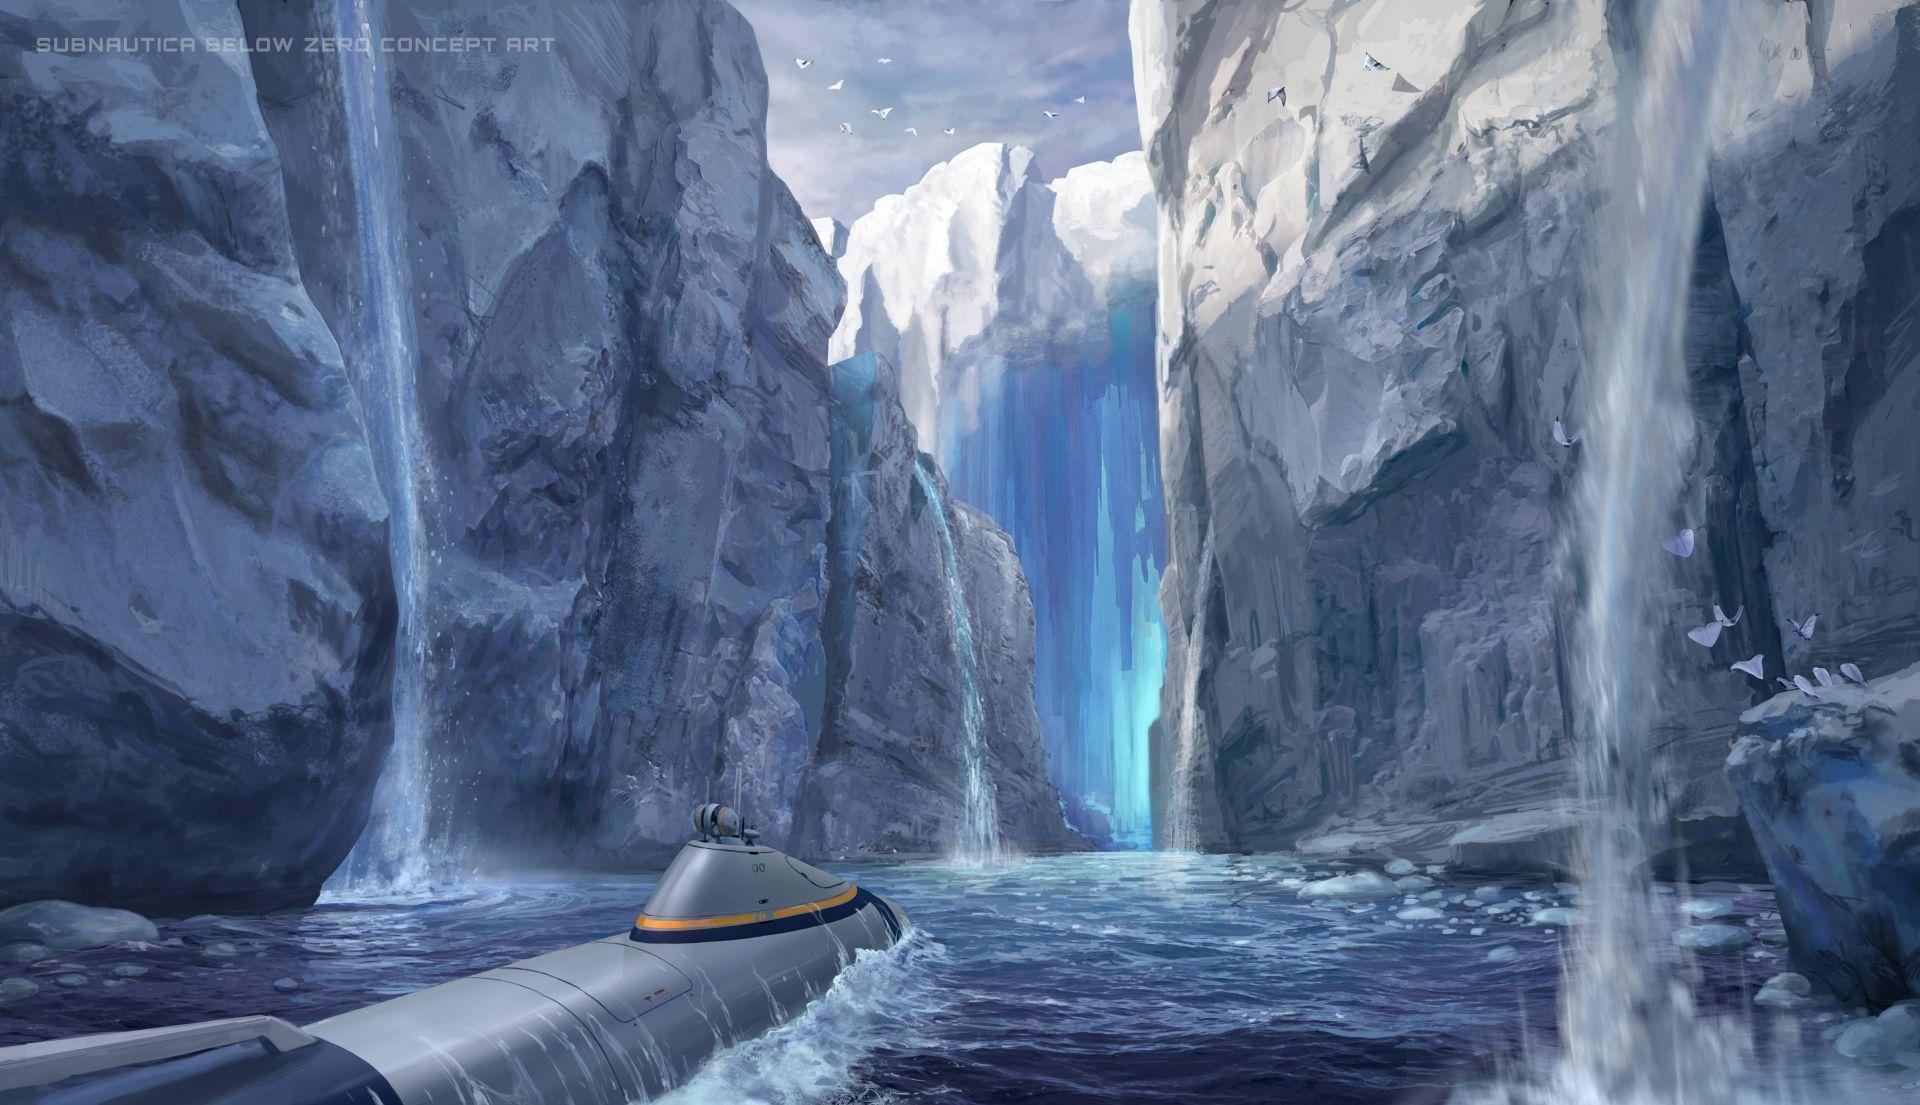 《美丽水世界:冰点之下》将于1月31日开启抢先体验